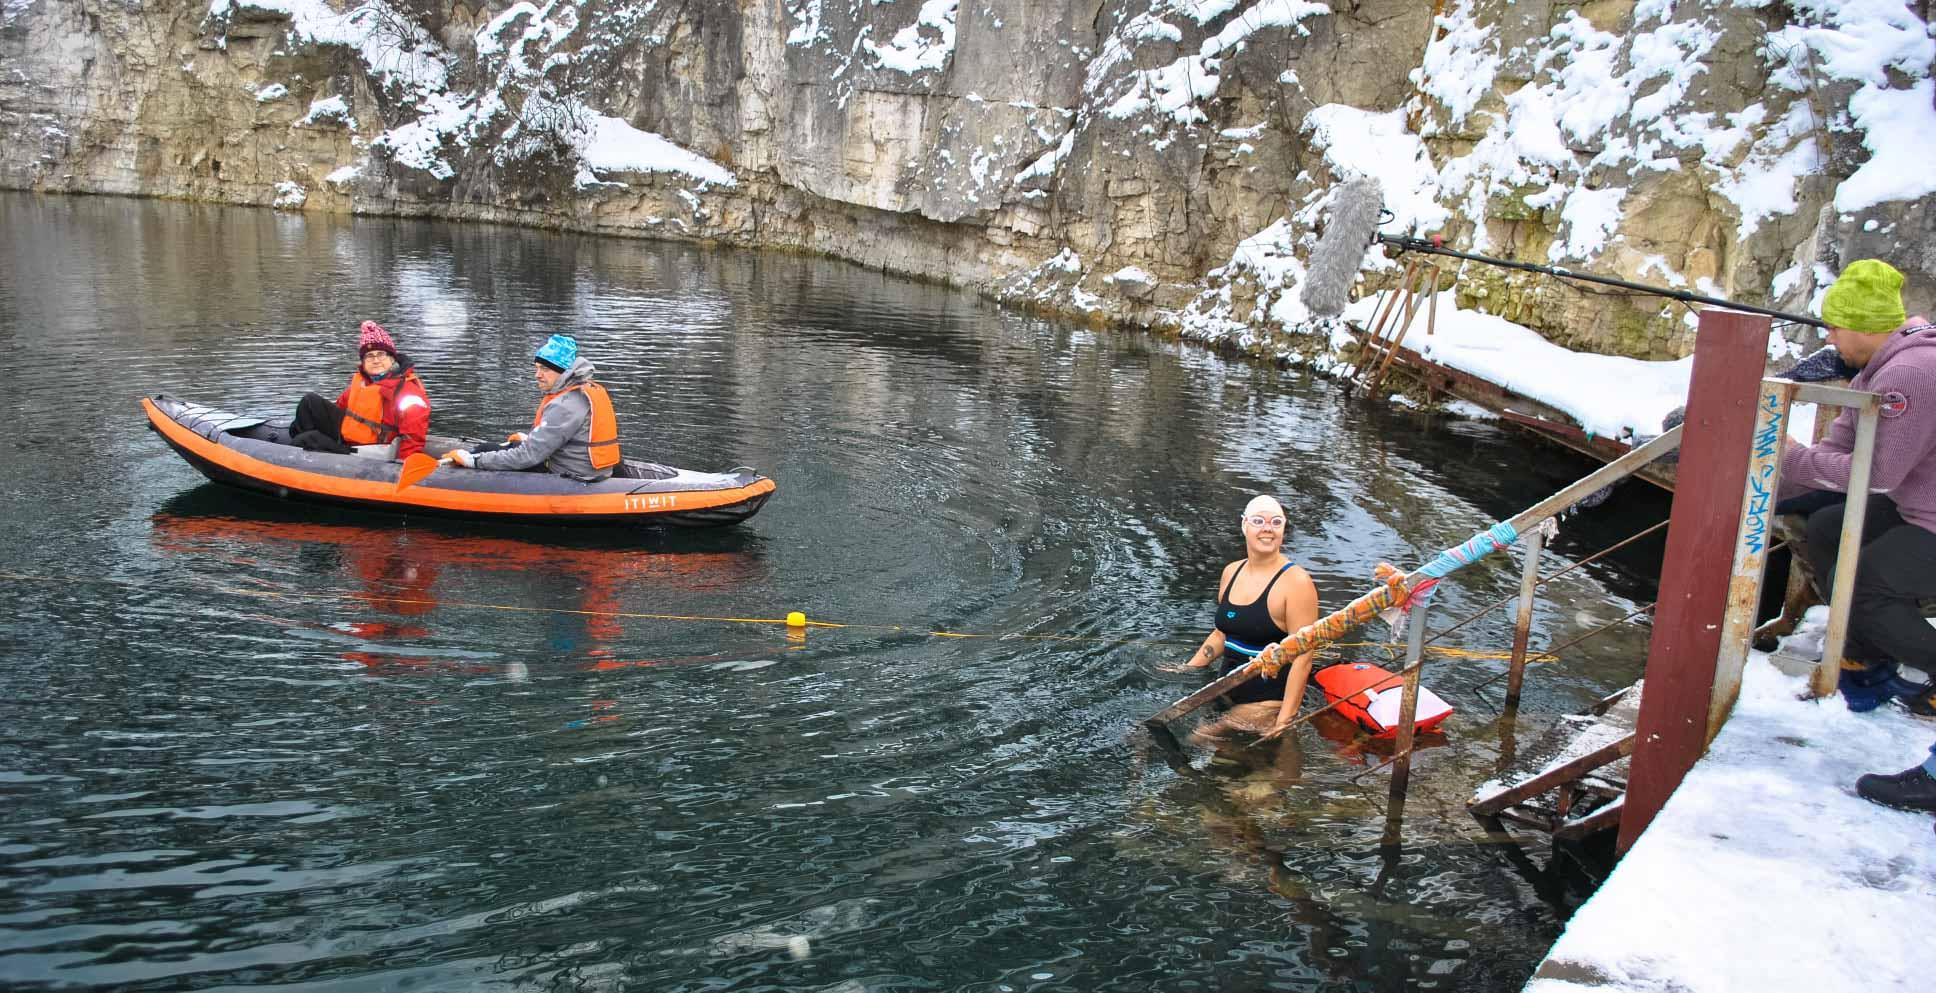 Єдина в Україні та унікальна в світі: франківка проплила милю у крижаній воді (ФОТО, ВІДЕО)